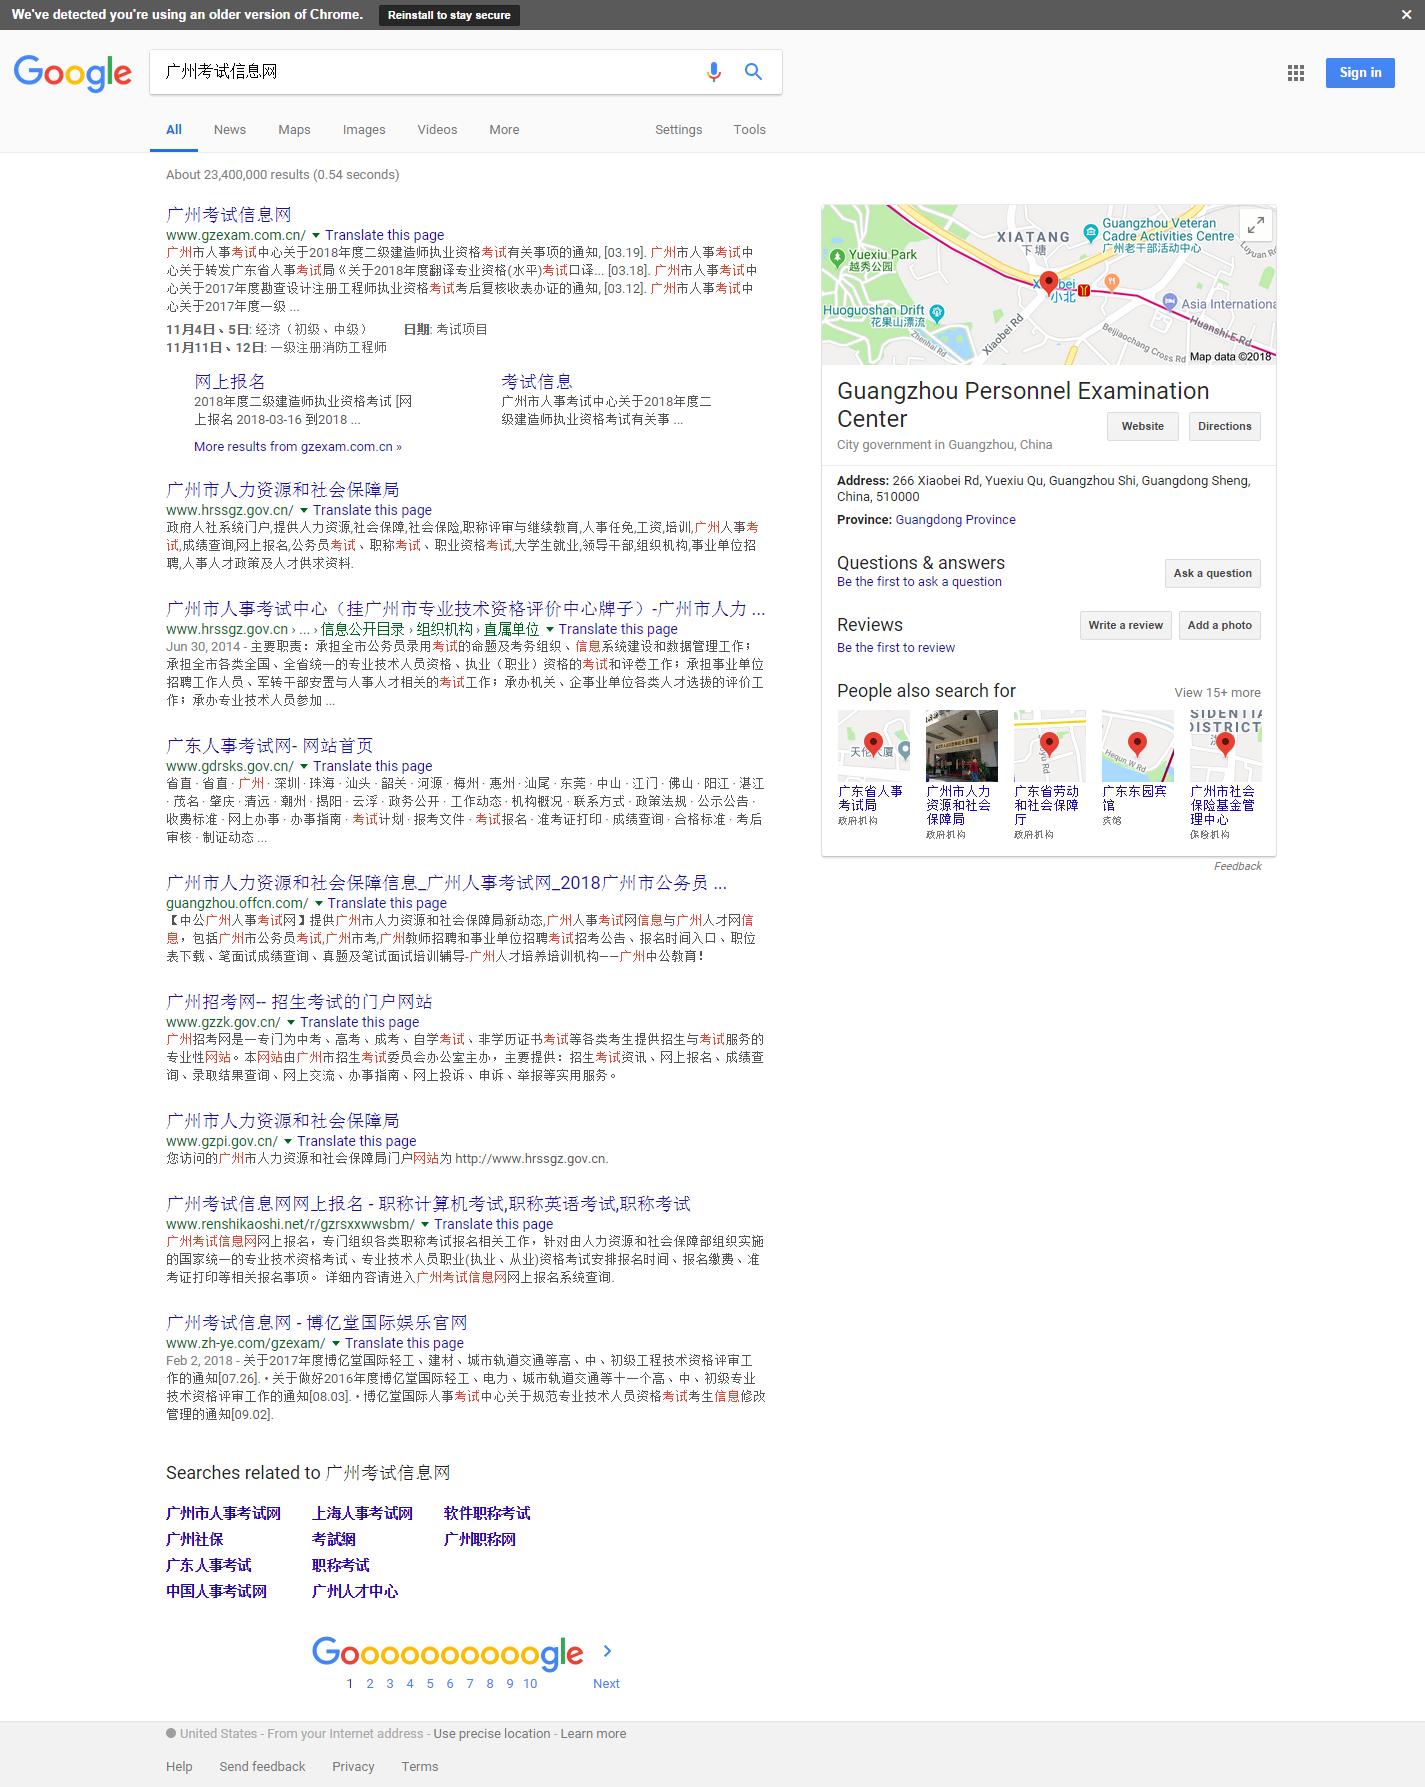 广州考试信息网 - Google Search_20180327084746.png